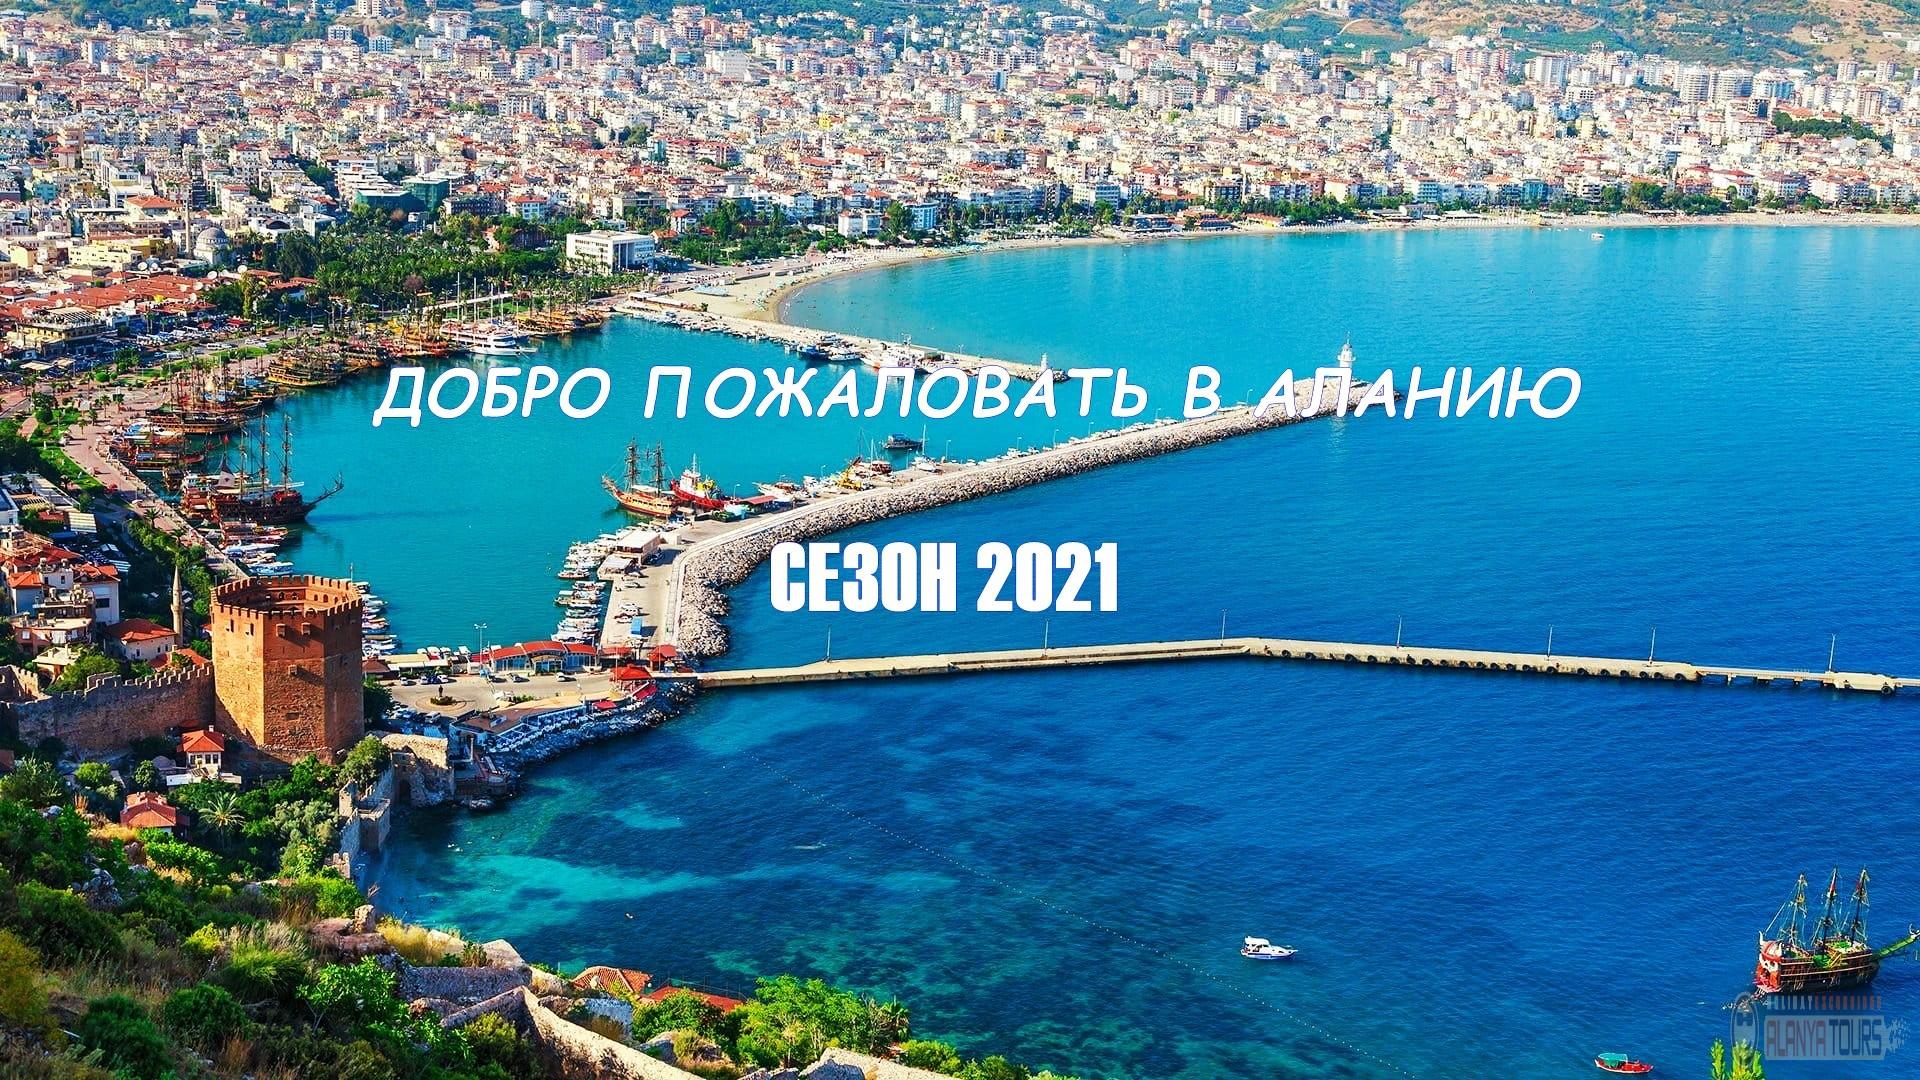 Какие экскурсии в Алании мы предлагаем на сезон 2021 года